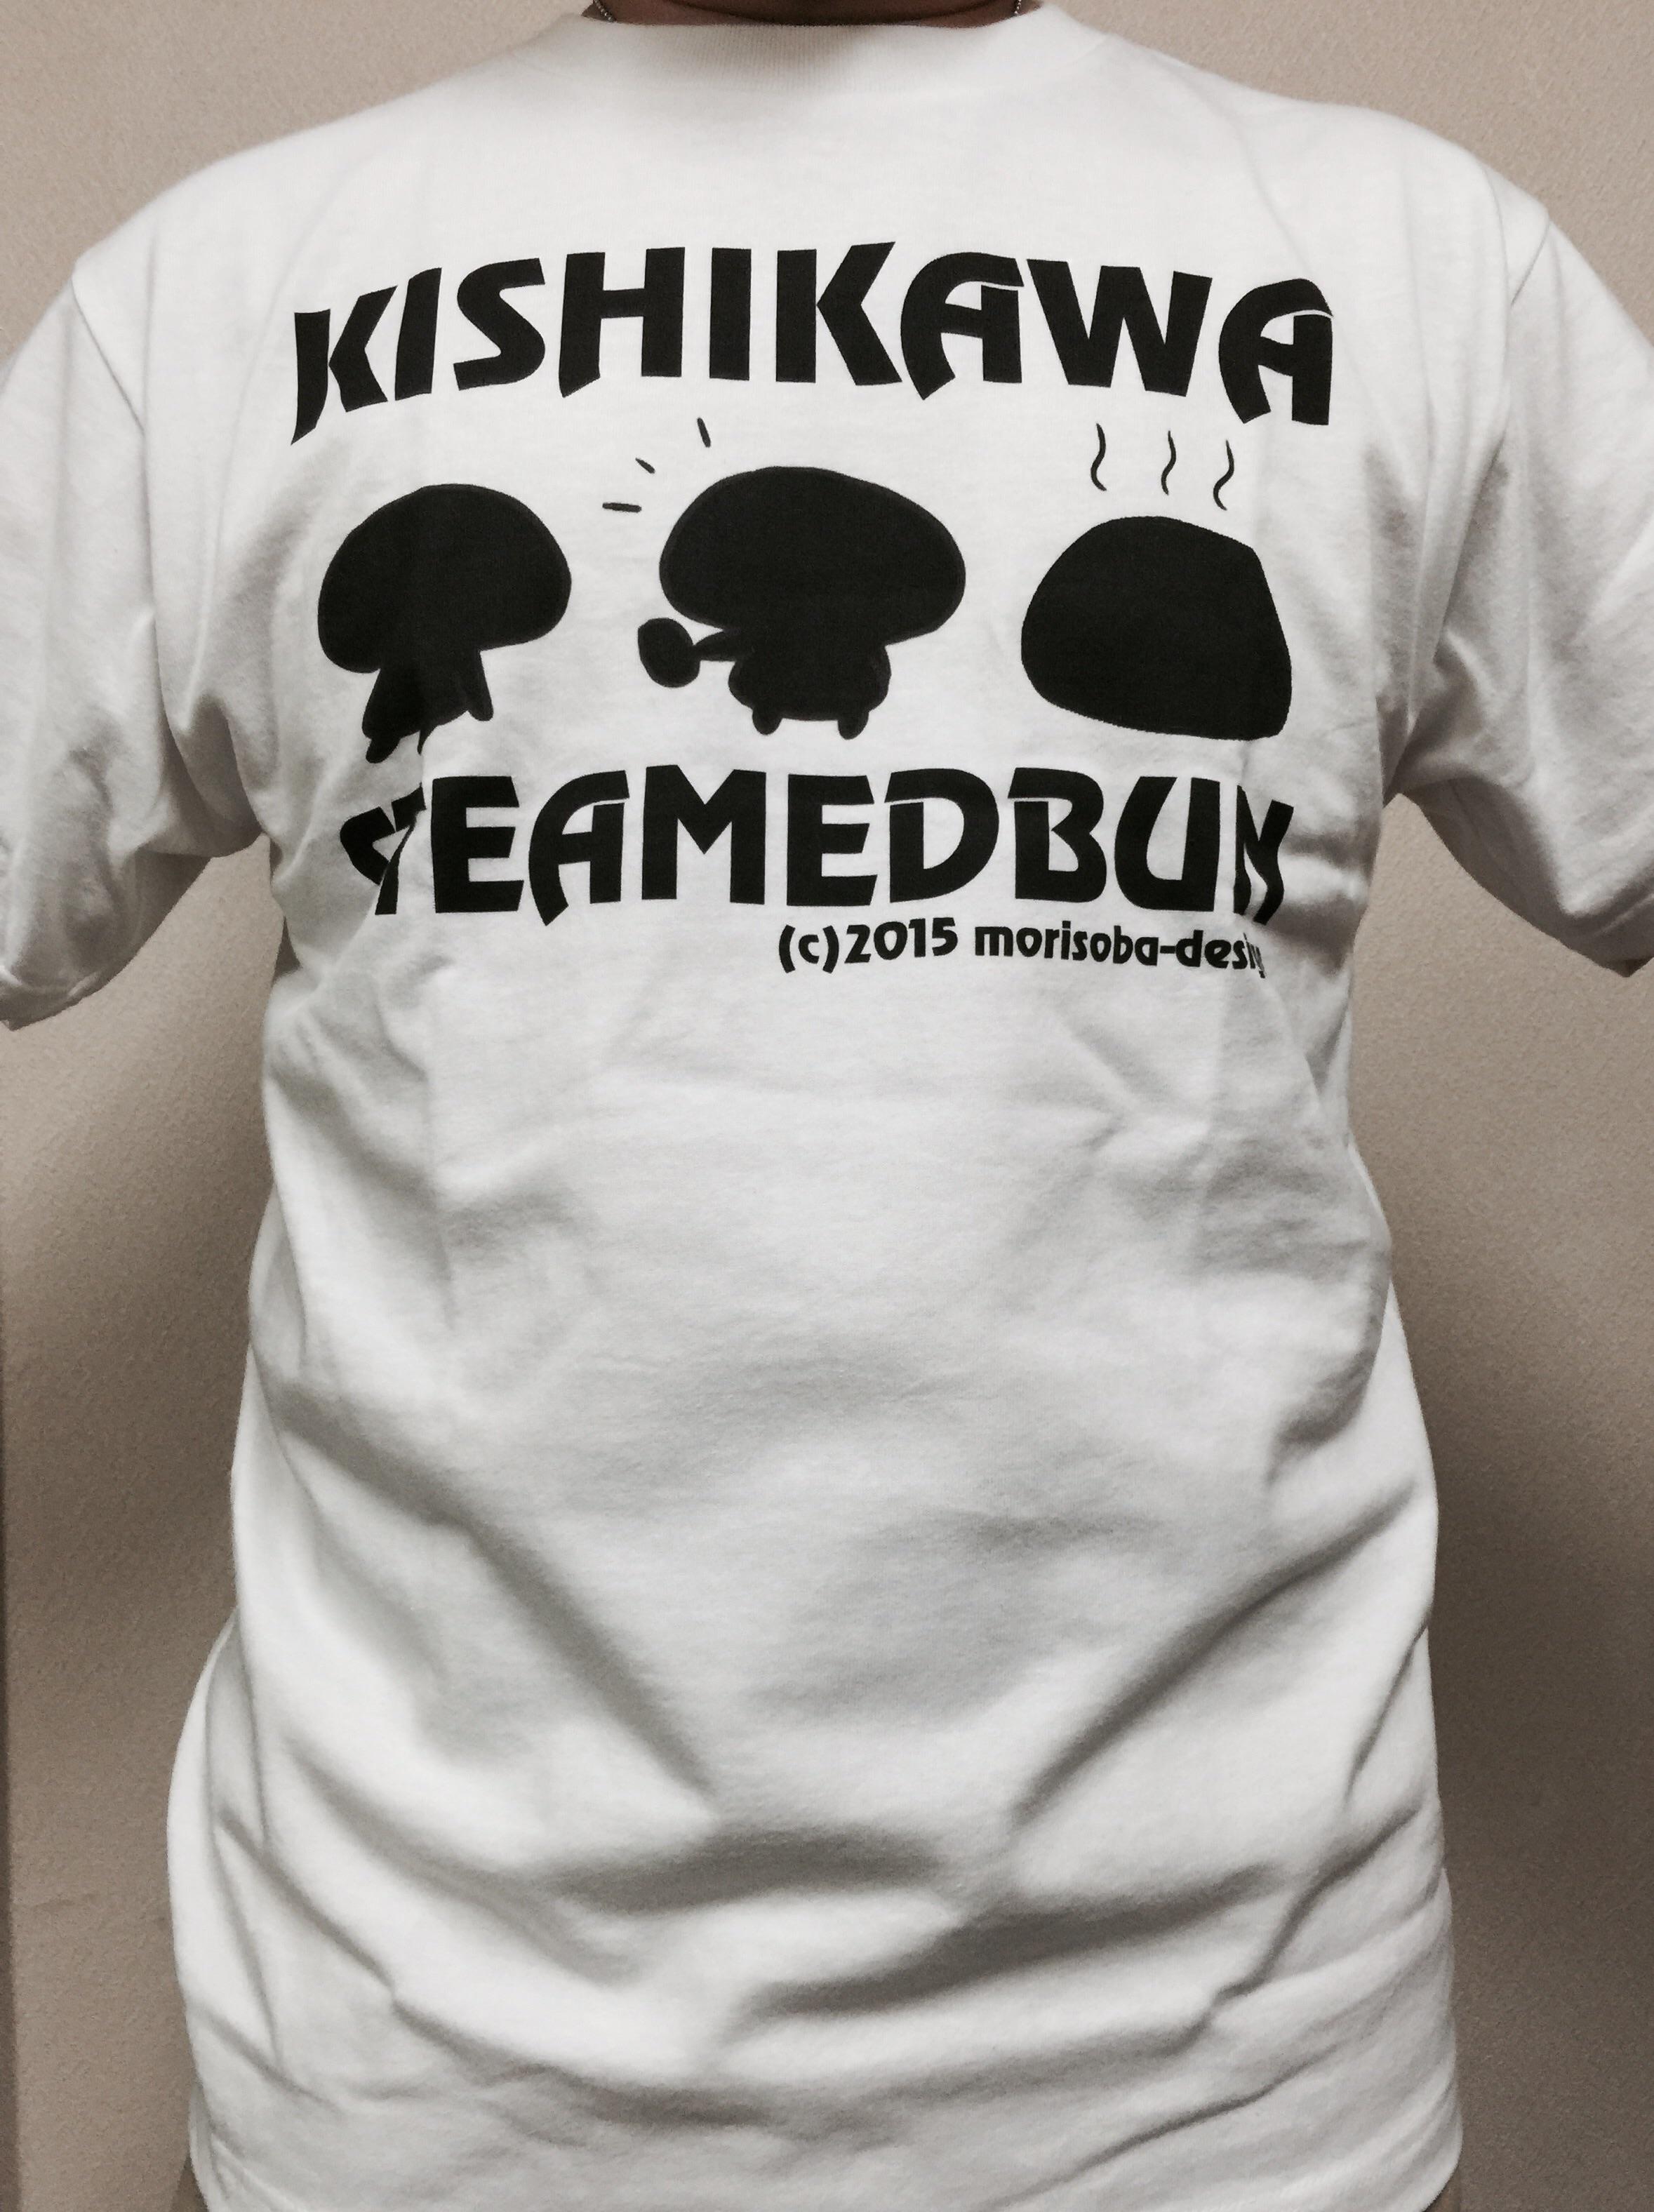 岸川まんじゅう×たくまんコラボ「KISHIKAWASTEAMEDBUN」Tシャツがコチラになります。